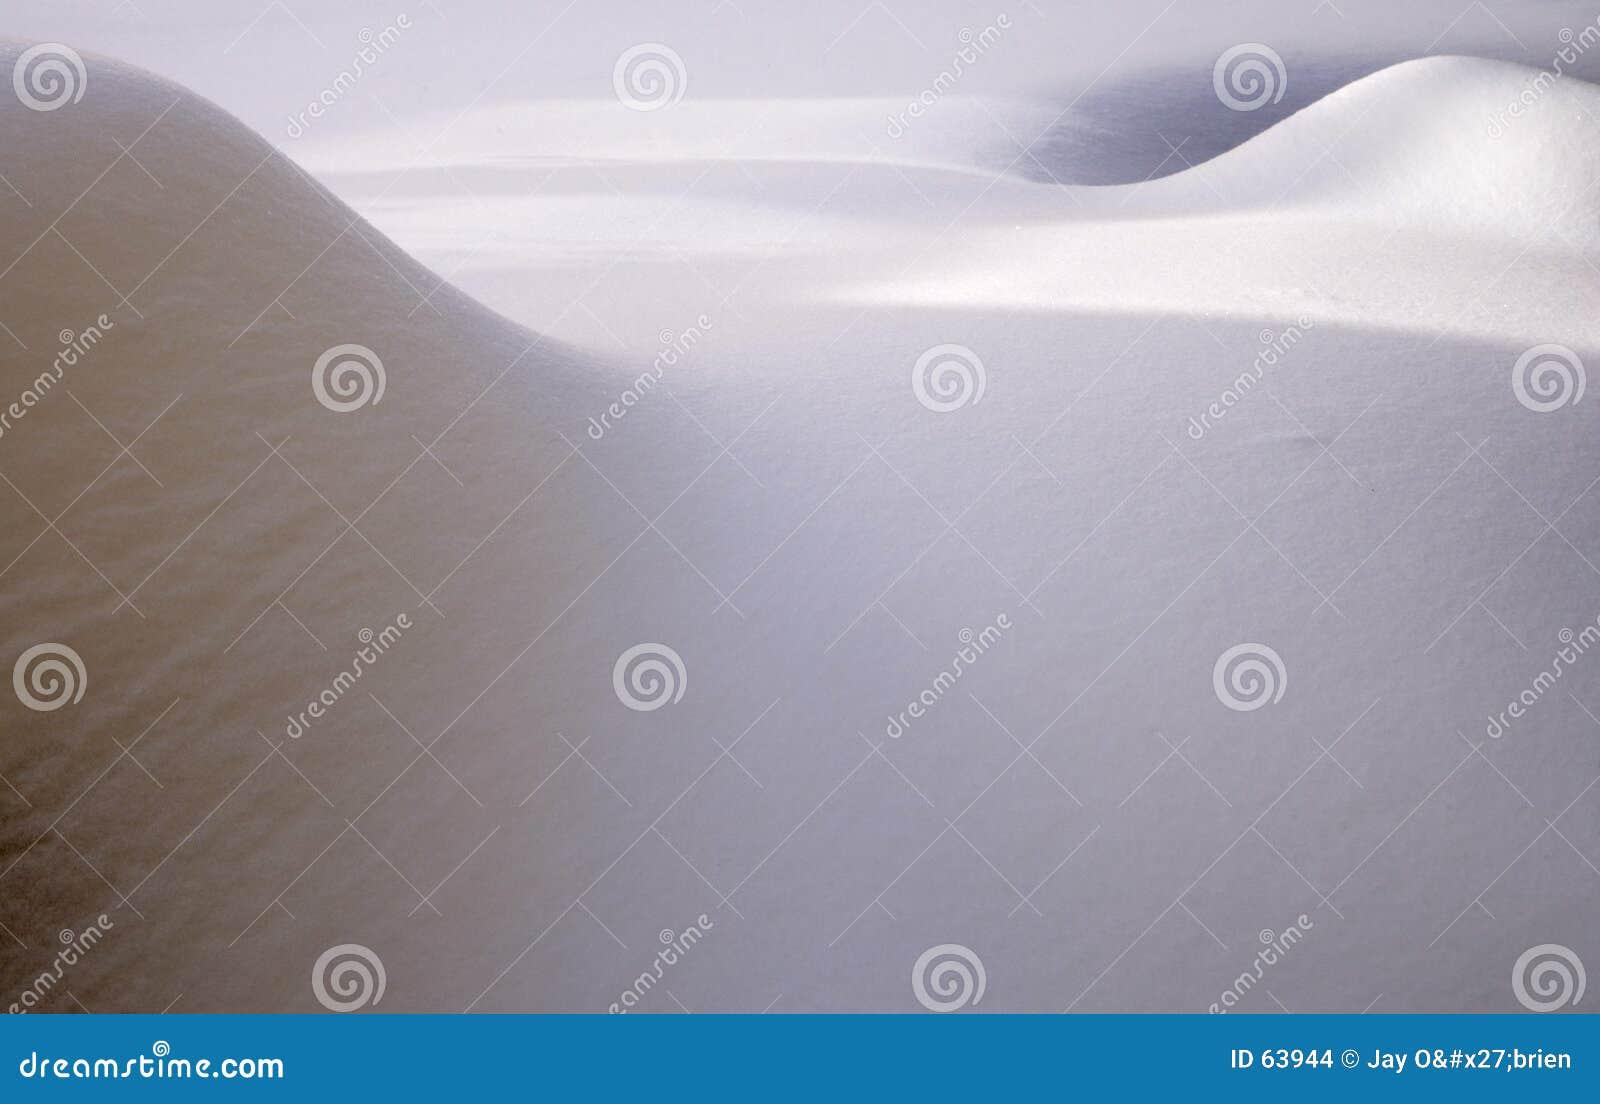 De afwijkingen van de sneeuw